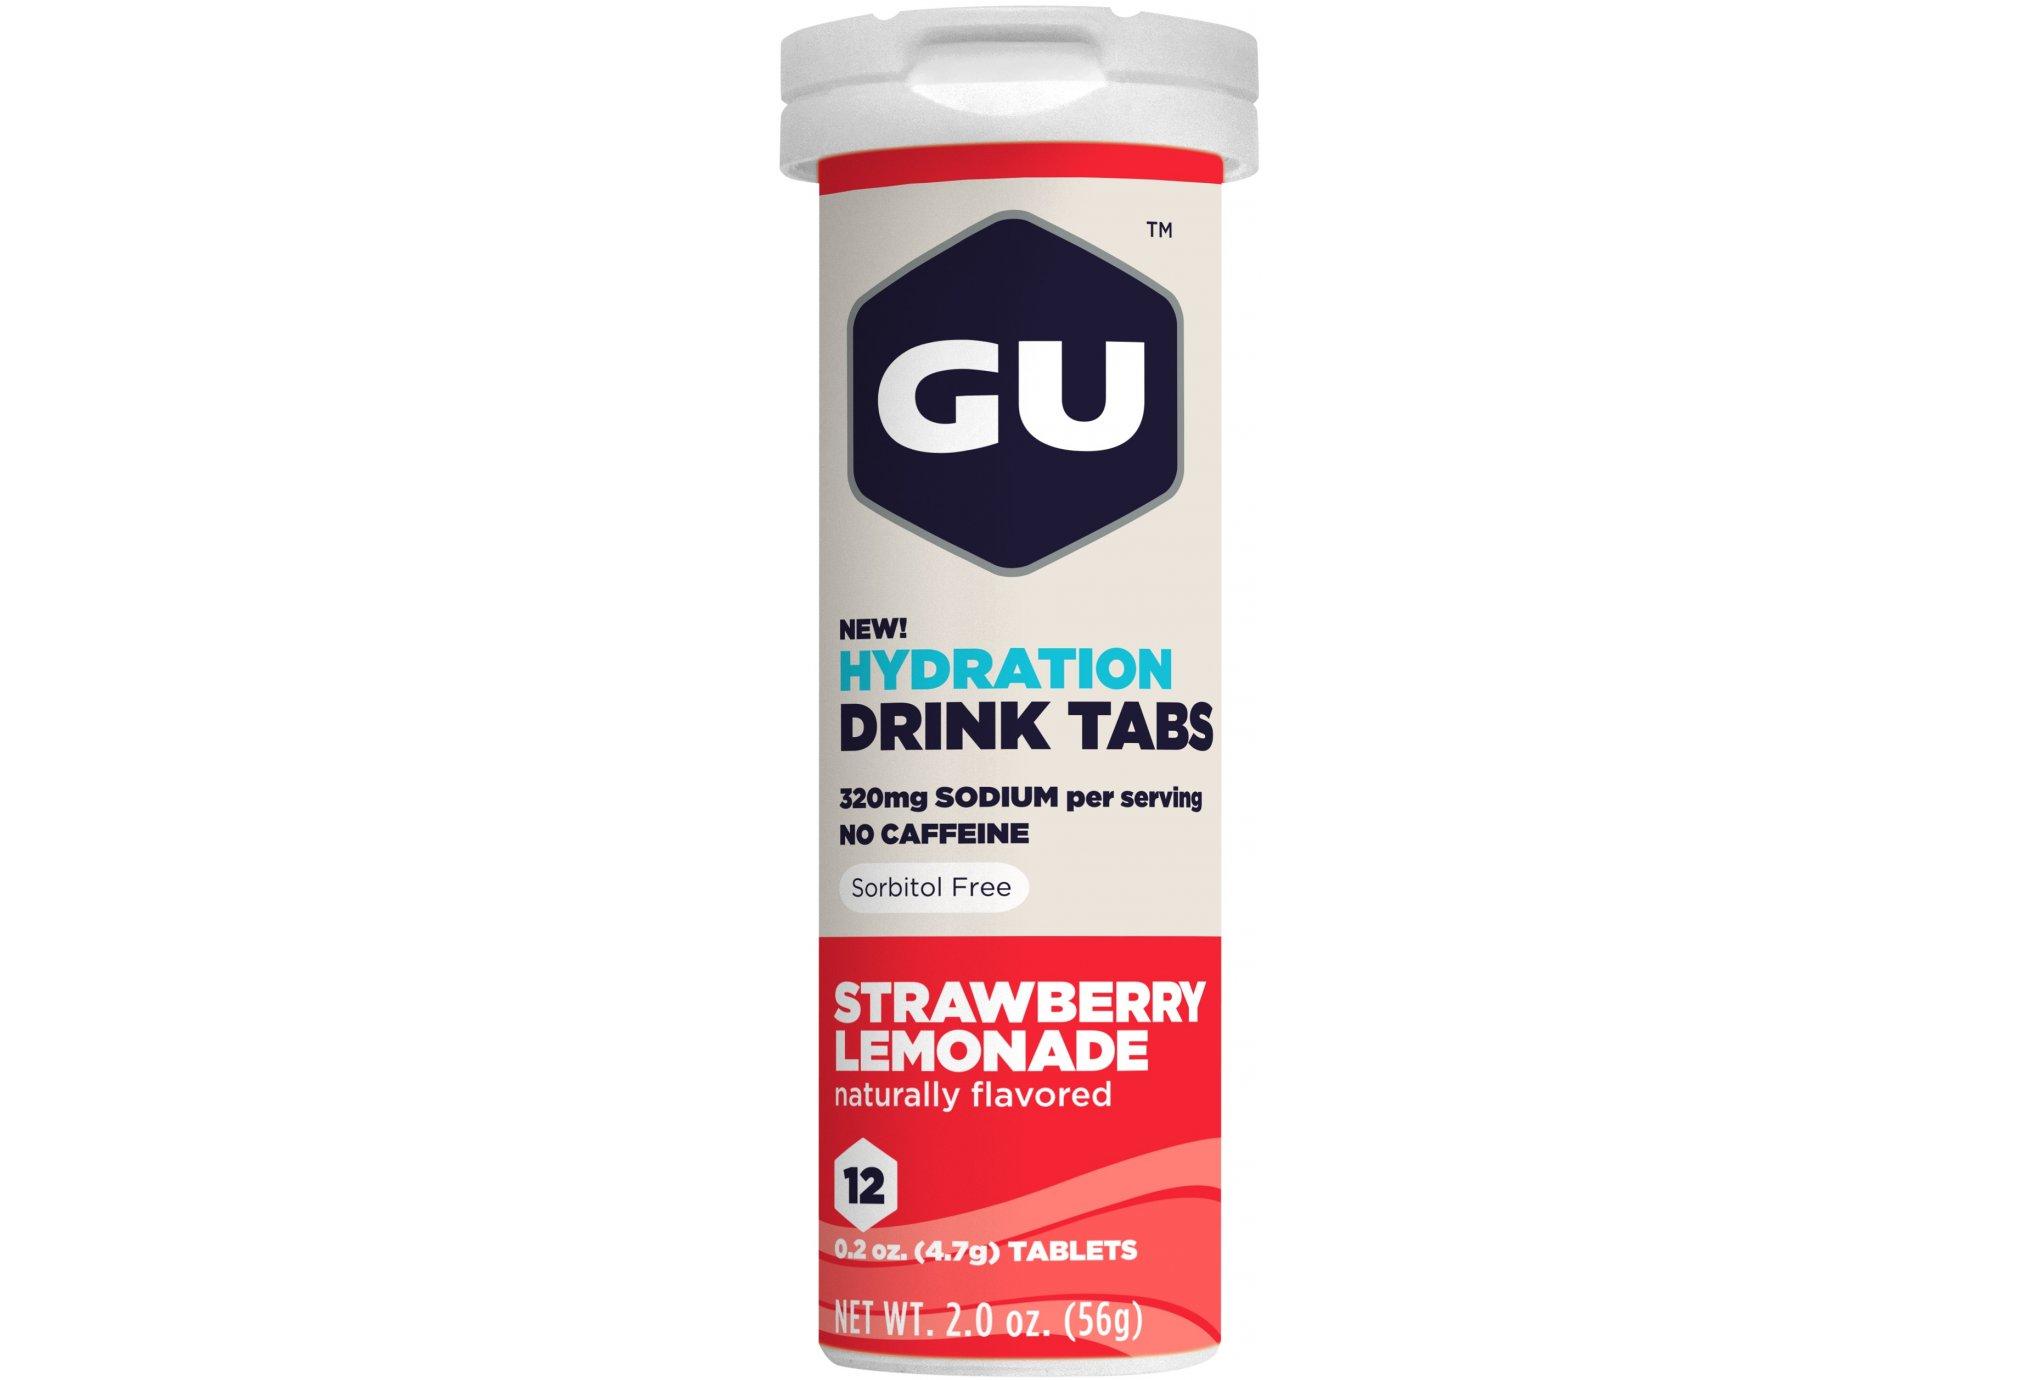 GU Tabletas Hidratantes Drink - Fresa/Limonada Diététique Boissons